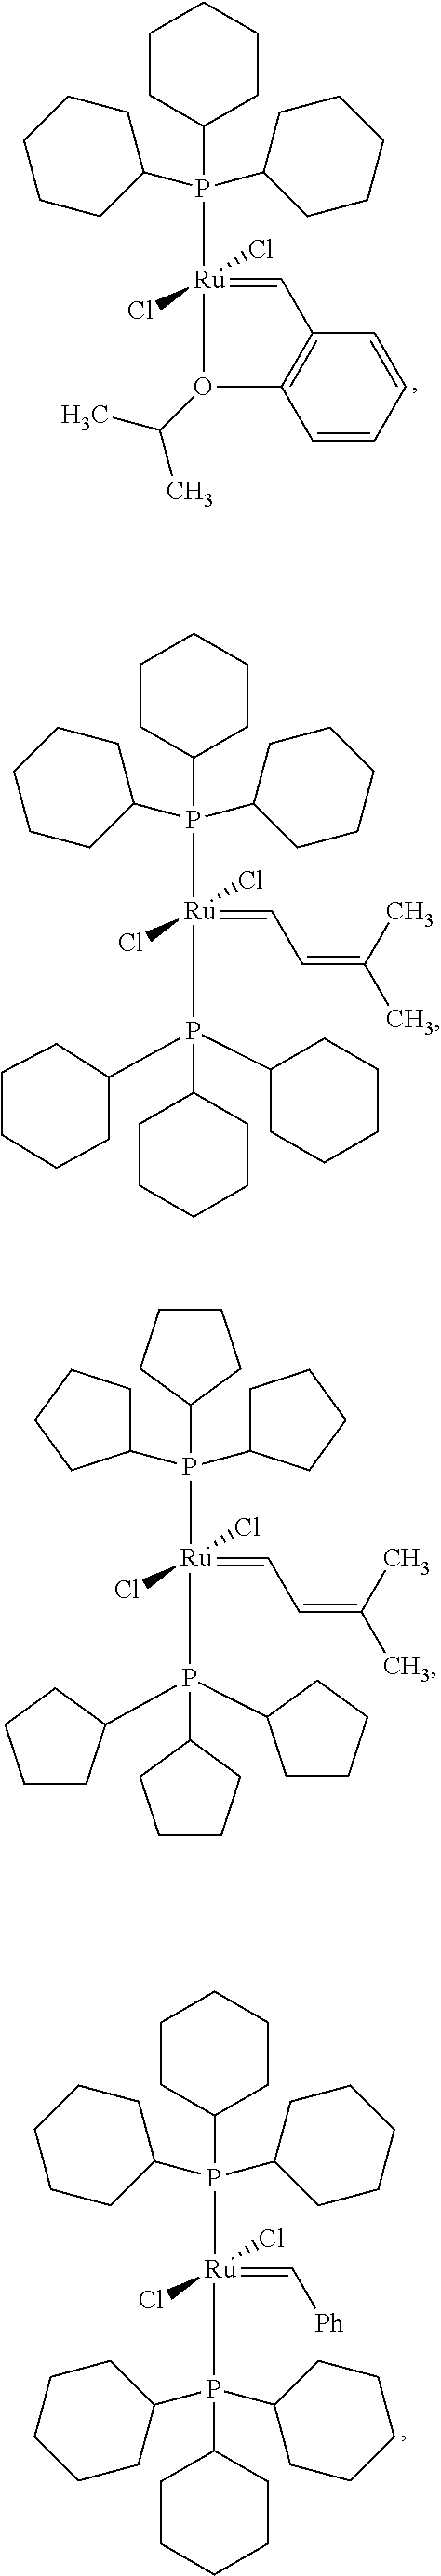 Figure US09592477-20170314-C00014